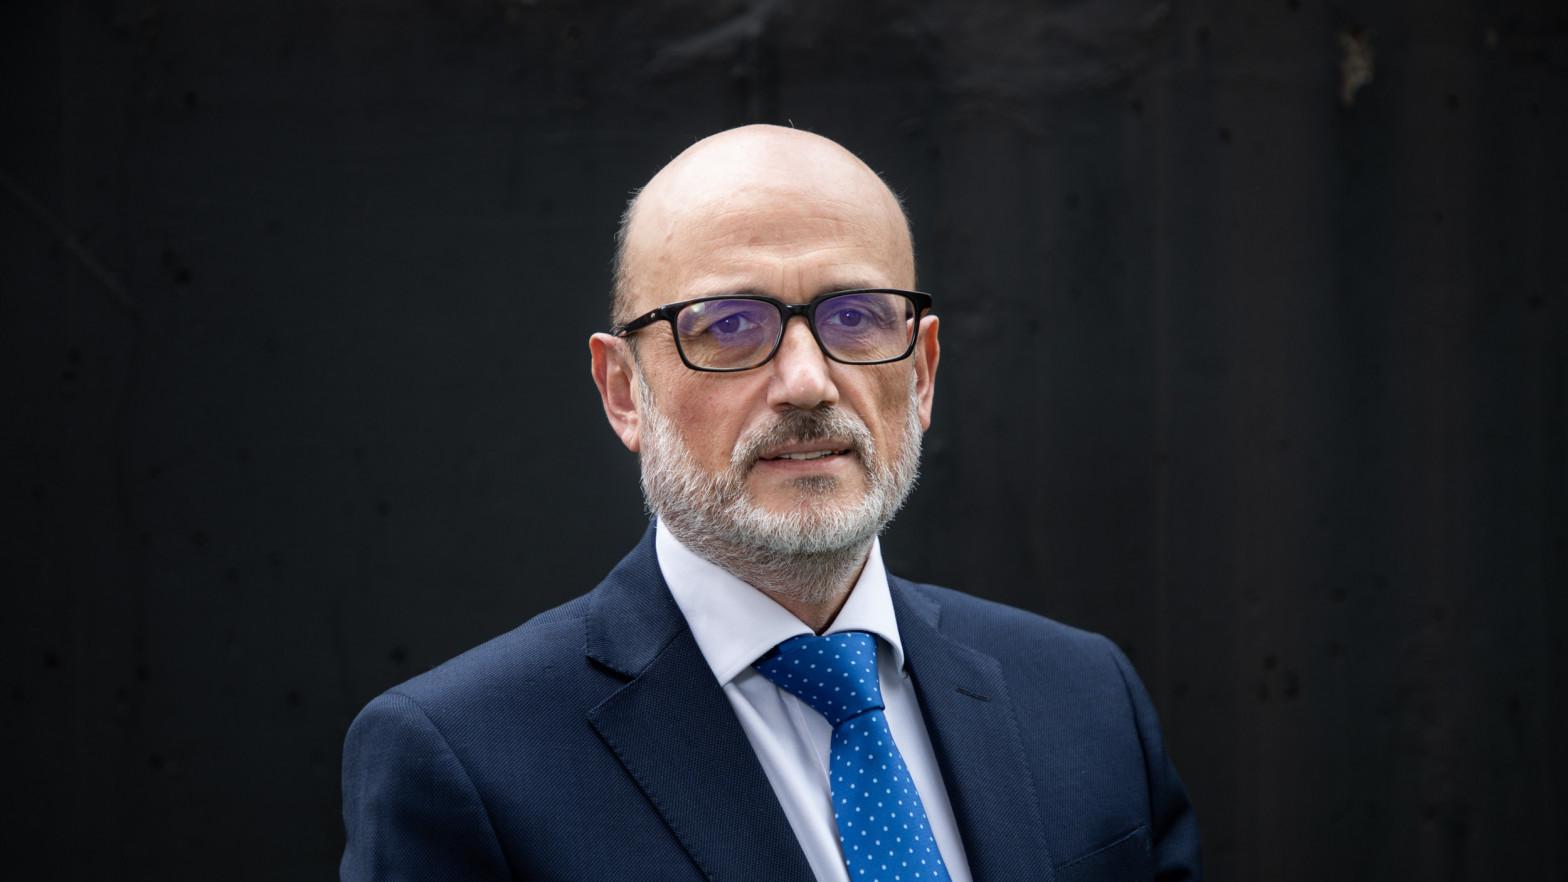 El presidente del Círculo de Empresario, Manuel Pérez-Sala